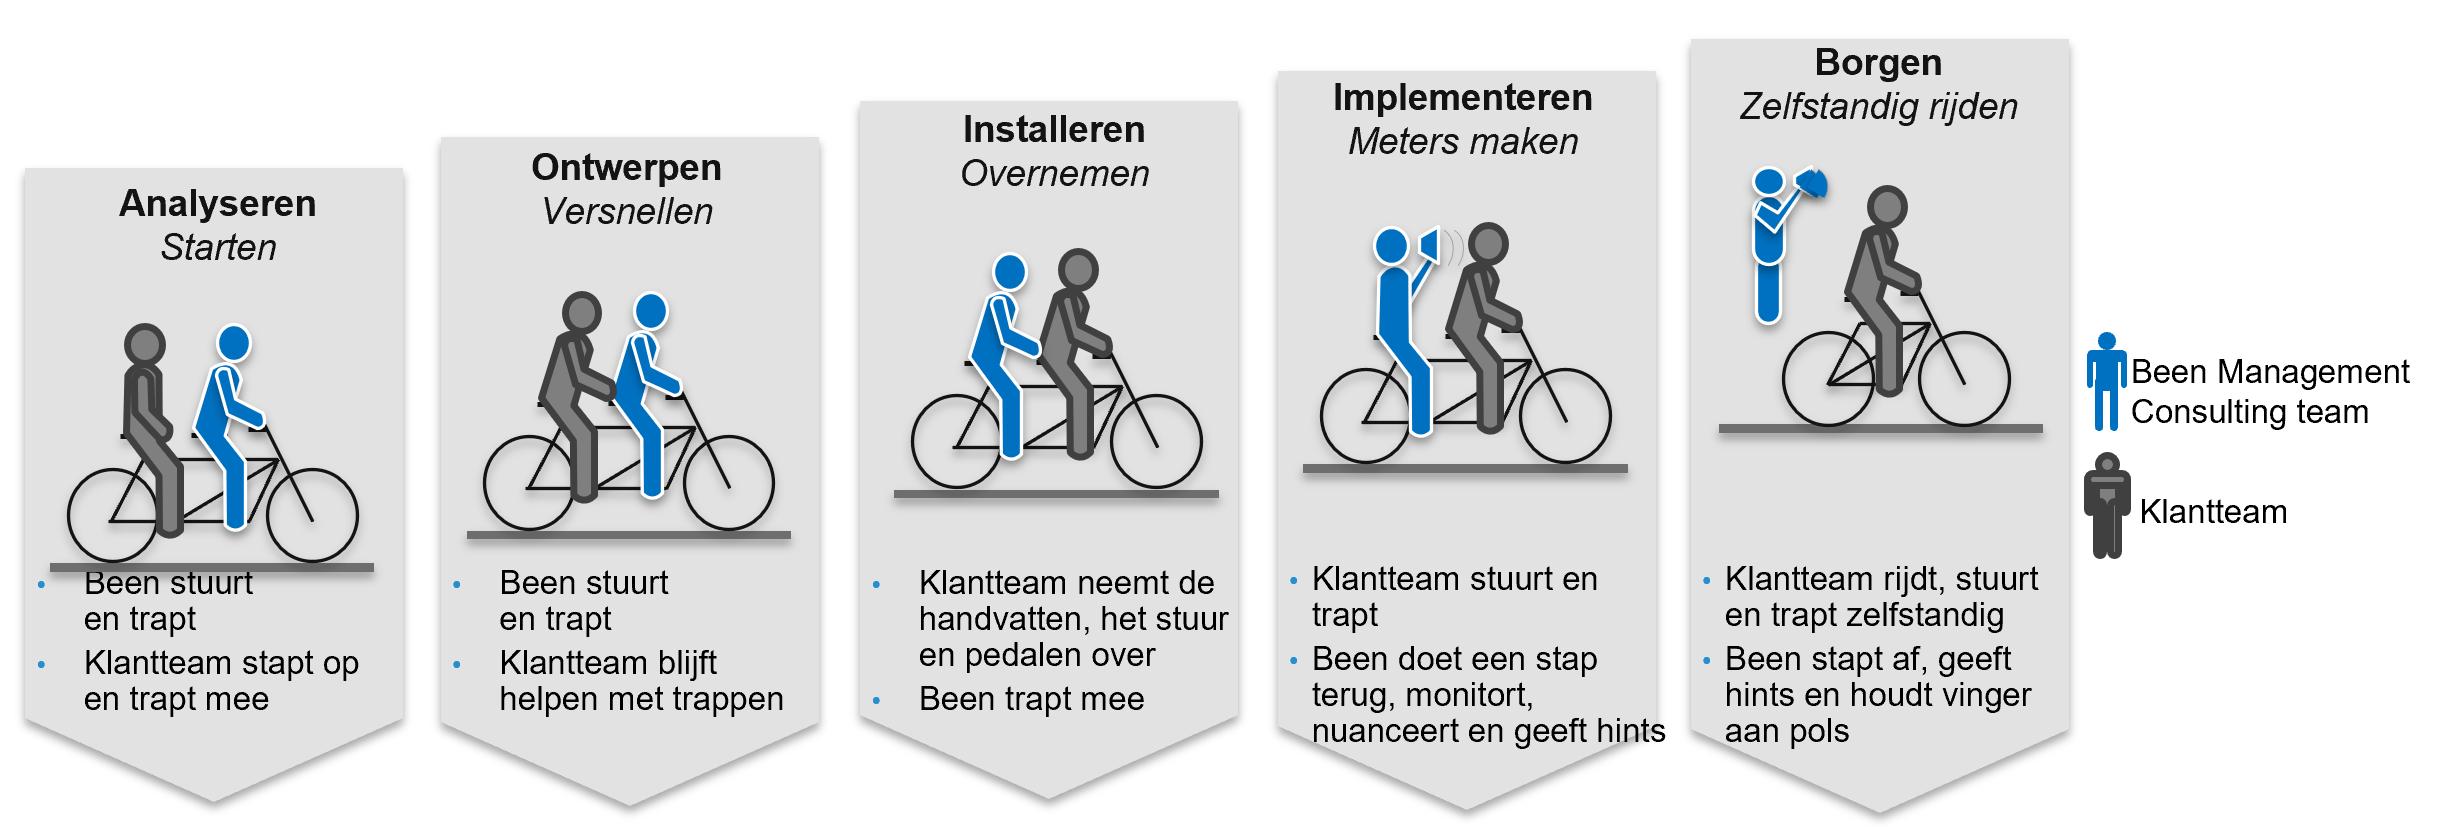 prestatieverbetering-strategie-executie-been-management-consulting-fiets.png